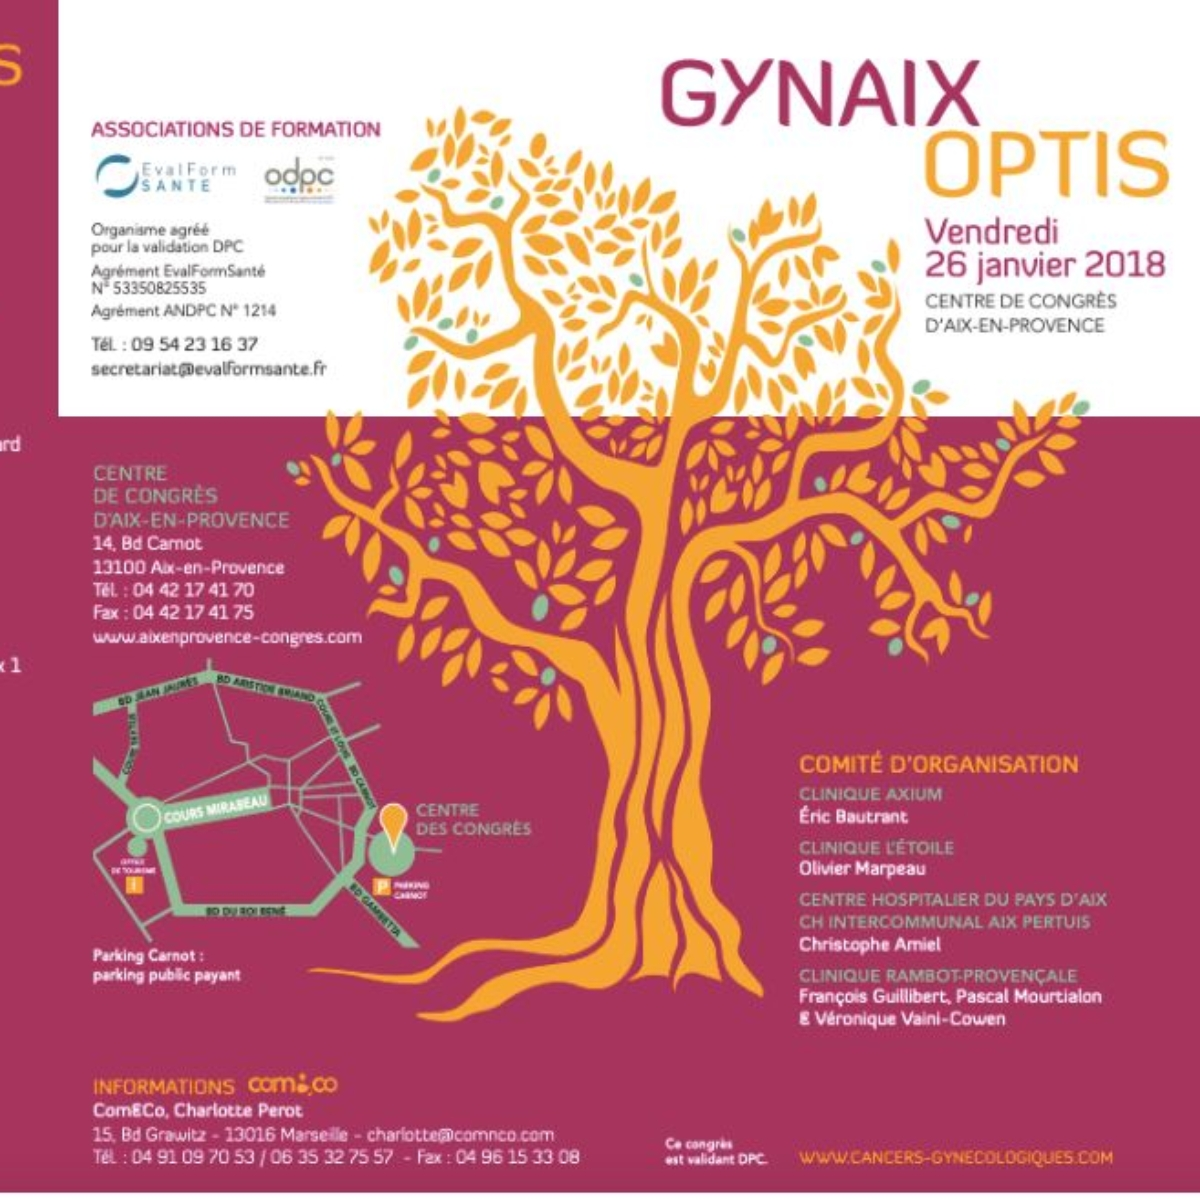 Congrès GynAixOptis le 26 janvier 2018 au Centre des congrès d'Aix avec les Dr Bautrant et Amiel